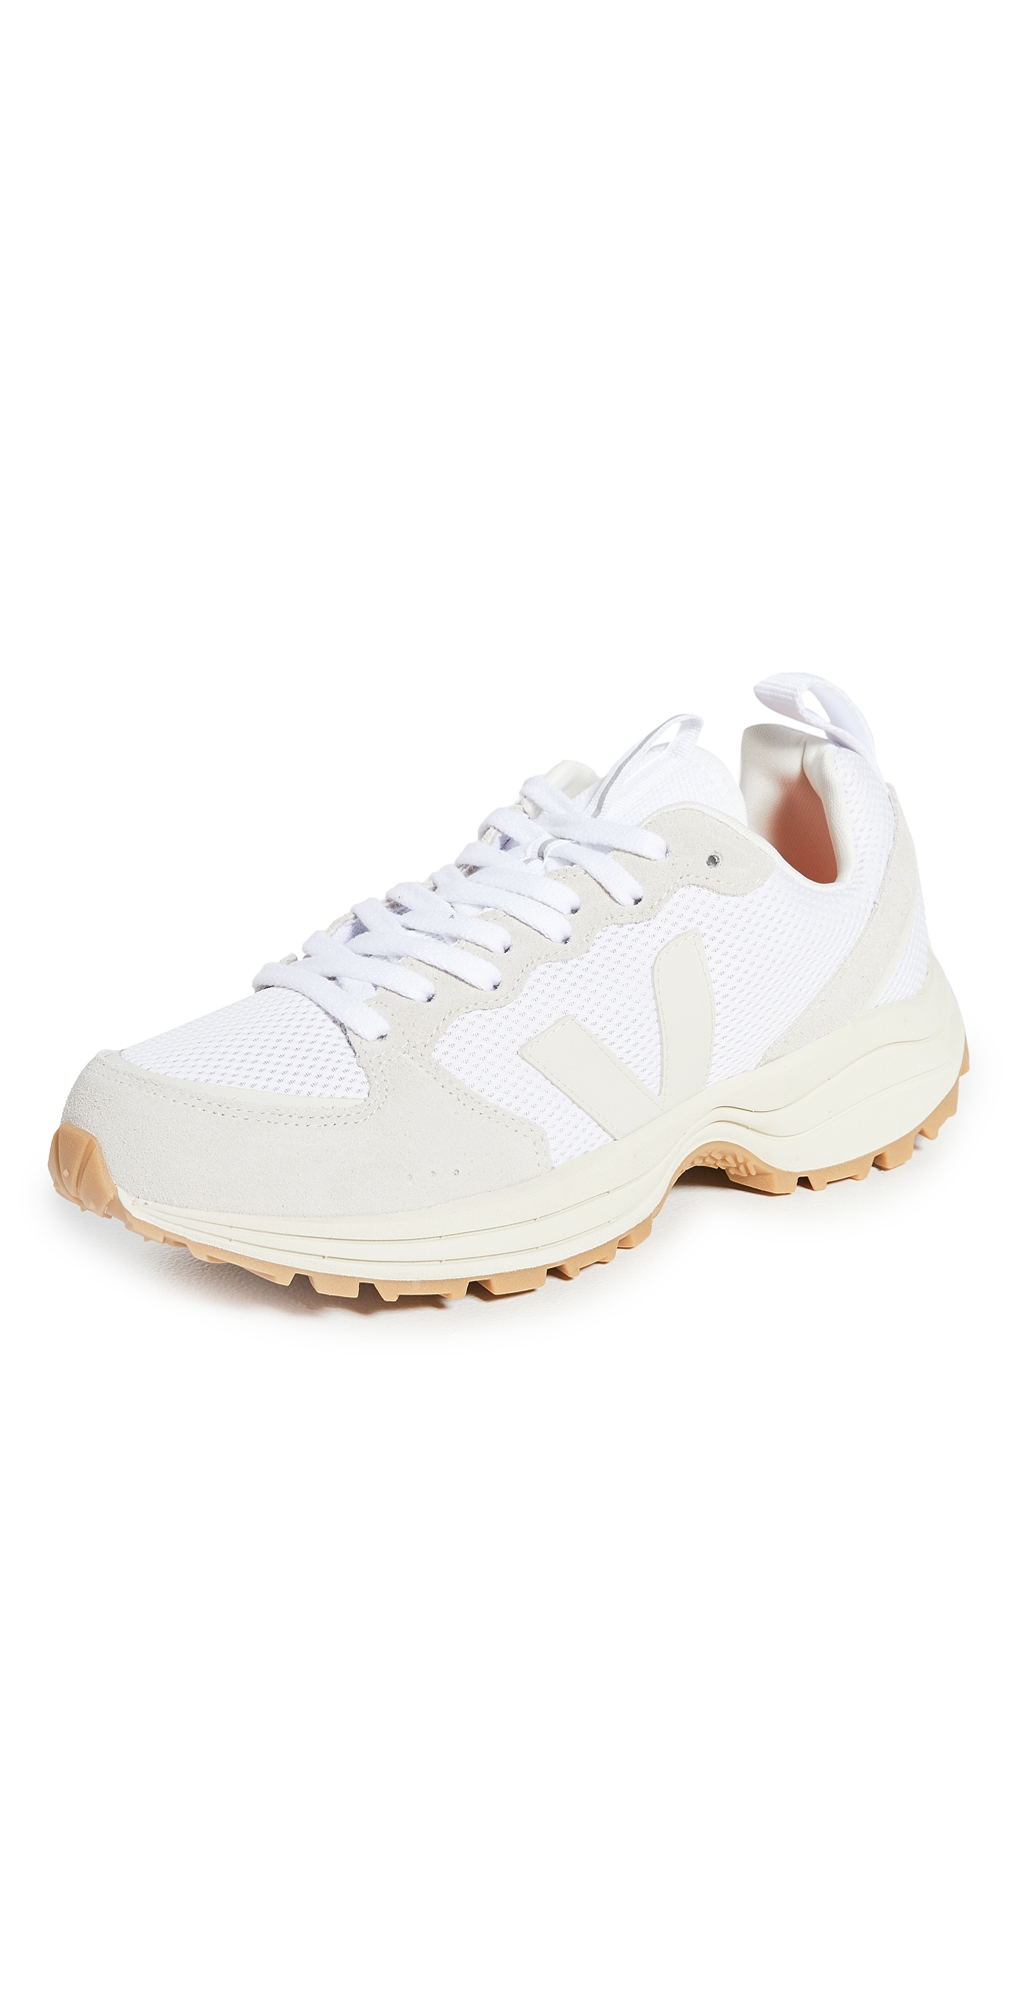 Veja Venturi Alveomesh Sneakers